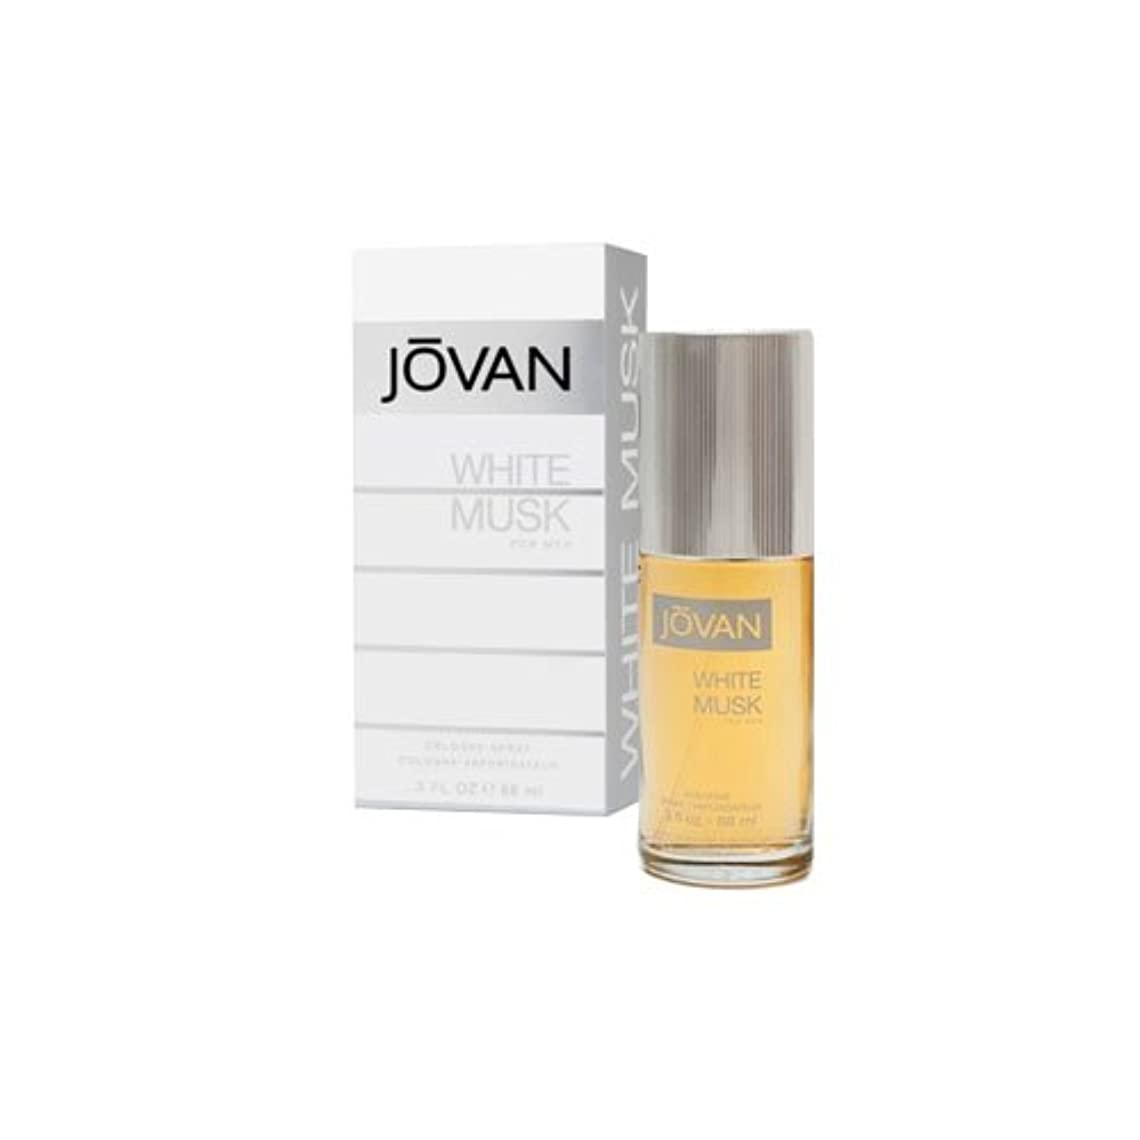 自分を引き上げる合理的農学JOVAN ジョーバン ホワイト ムスク フォーメン 88ml メンズ 香水 (並行輸入品)